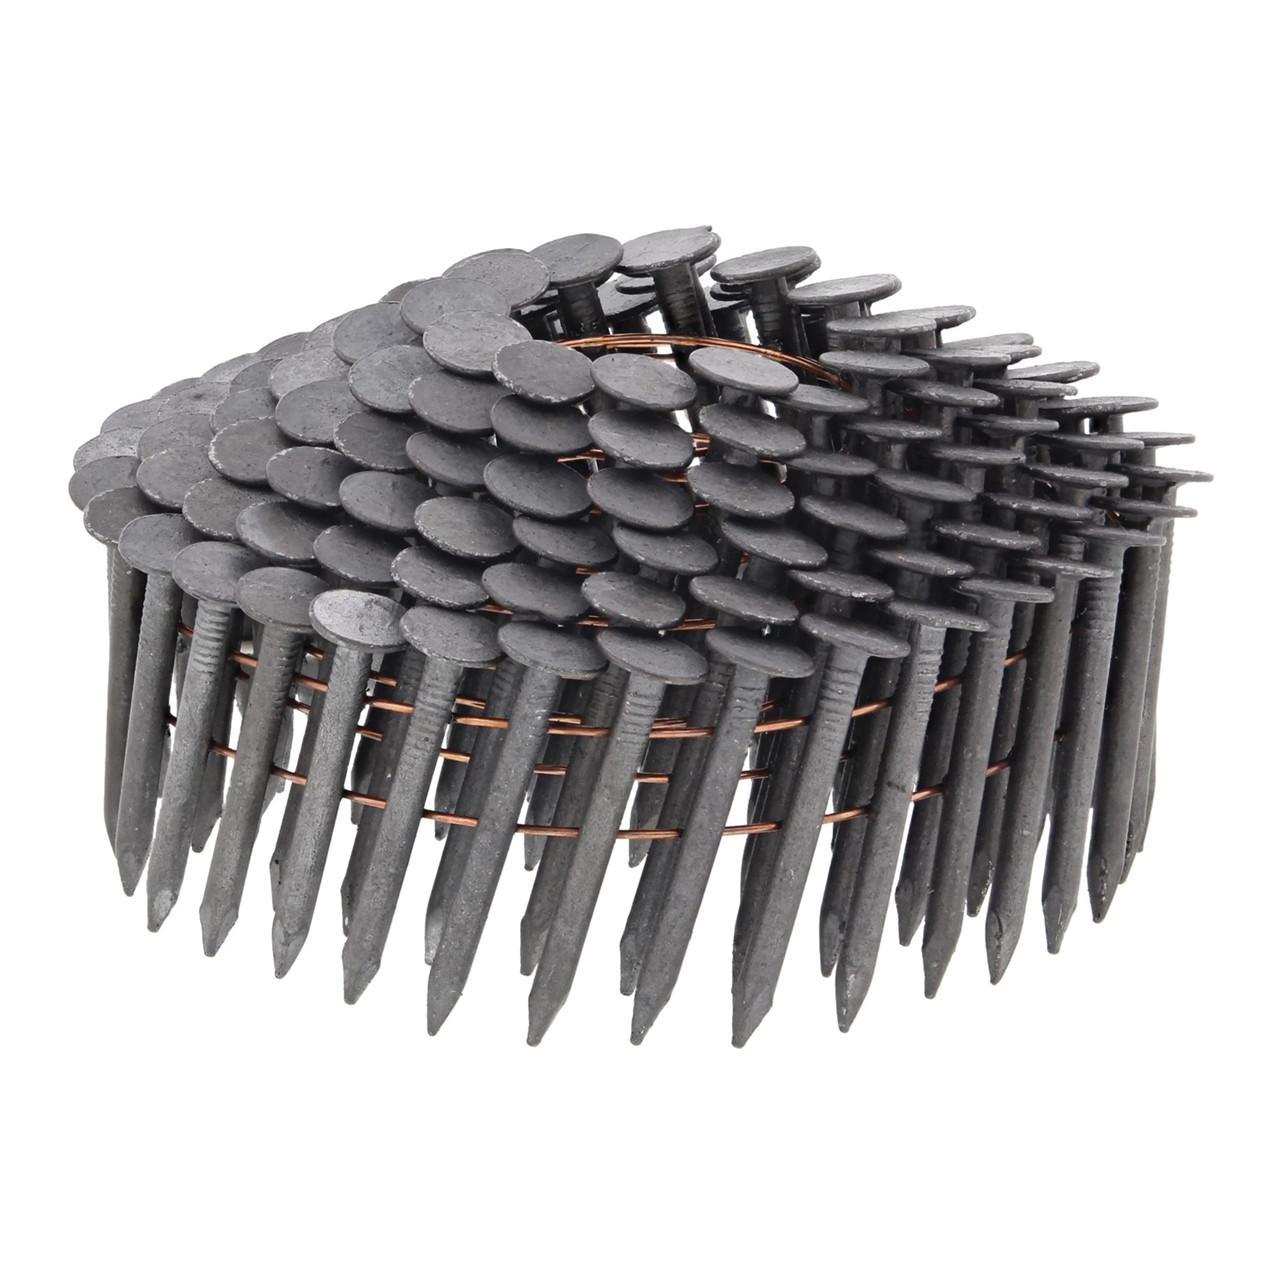 Køb PASLODE tagpapsøm 3,0x35MM CW GALV 1000stk 1gas